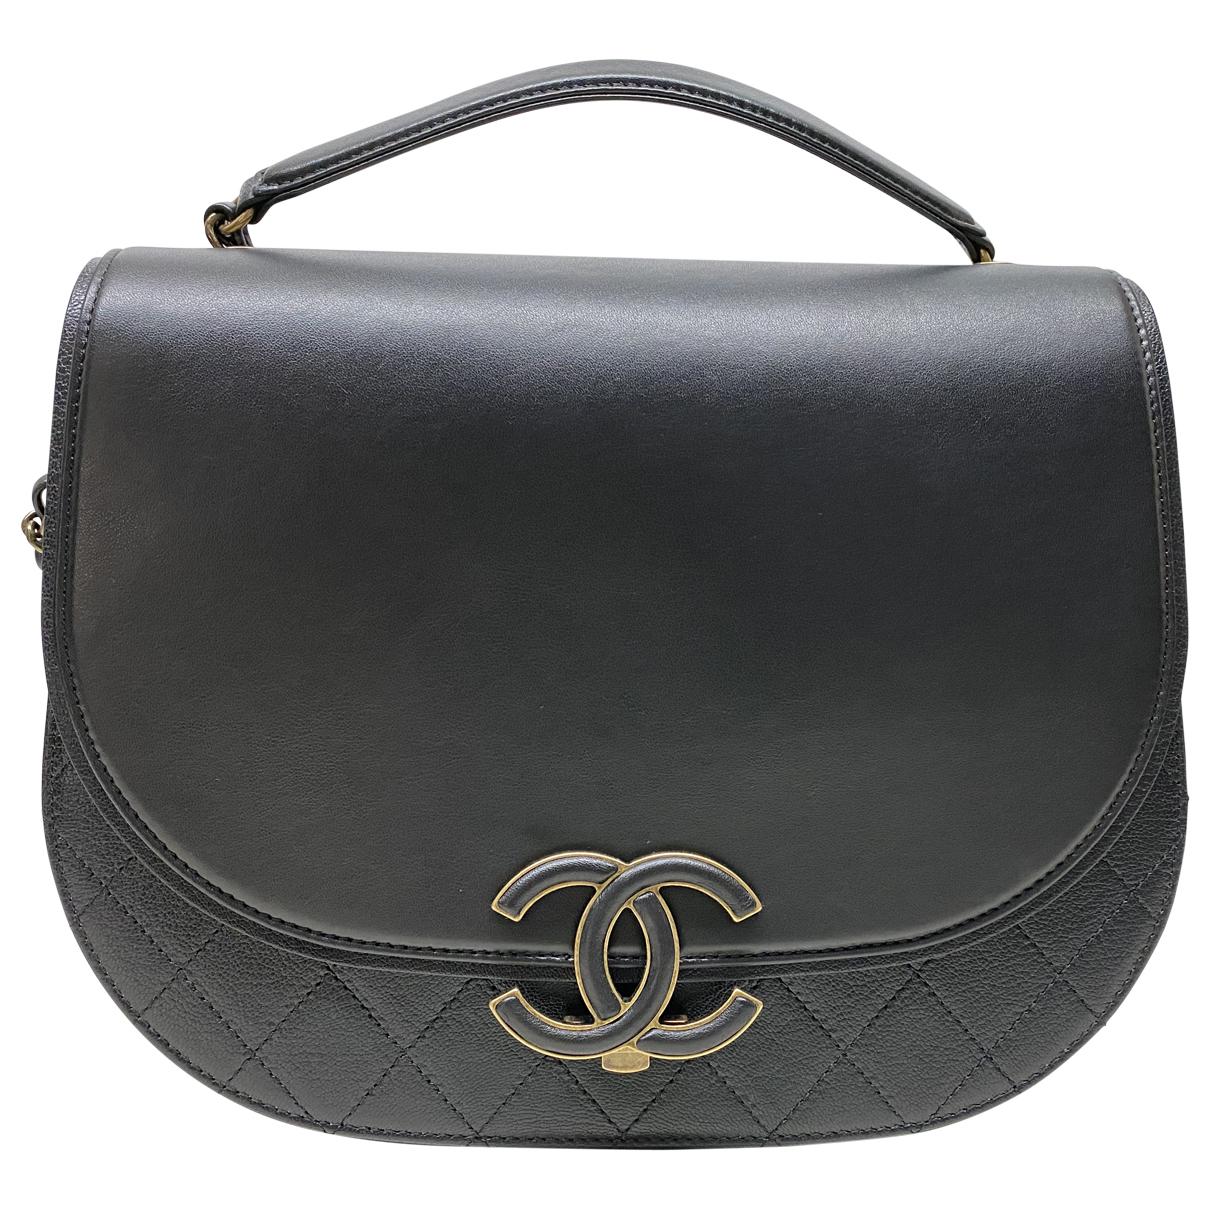 Chanel - Sac a main Coco Curve pour femme en cuir - noir